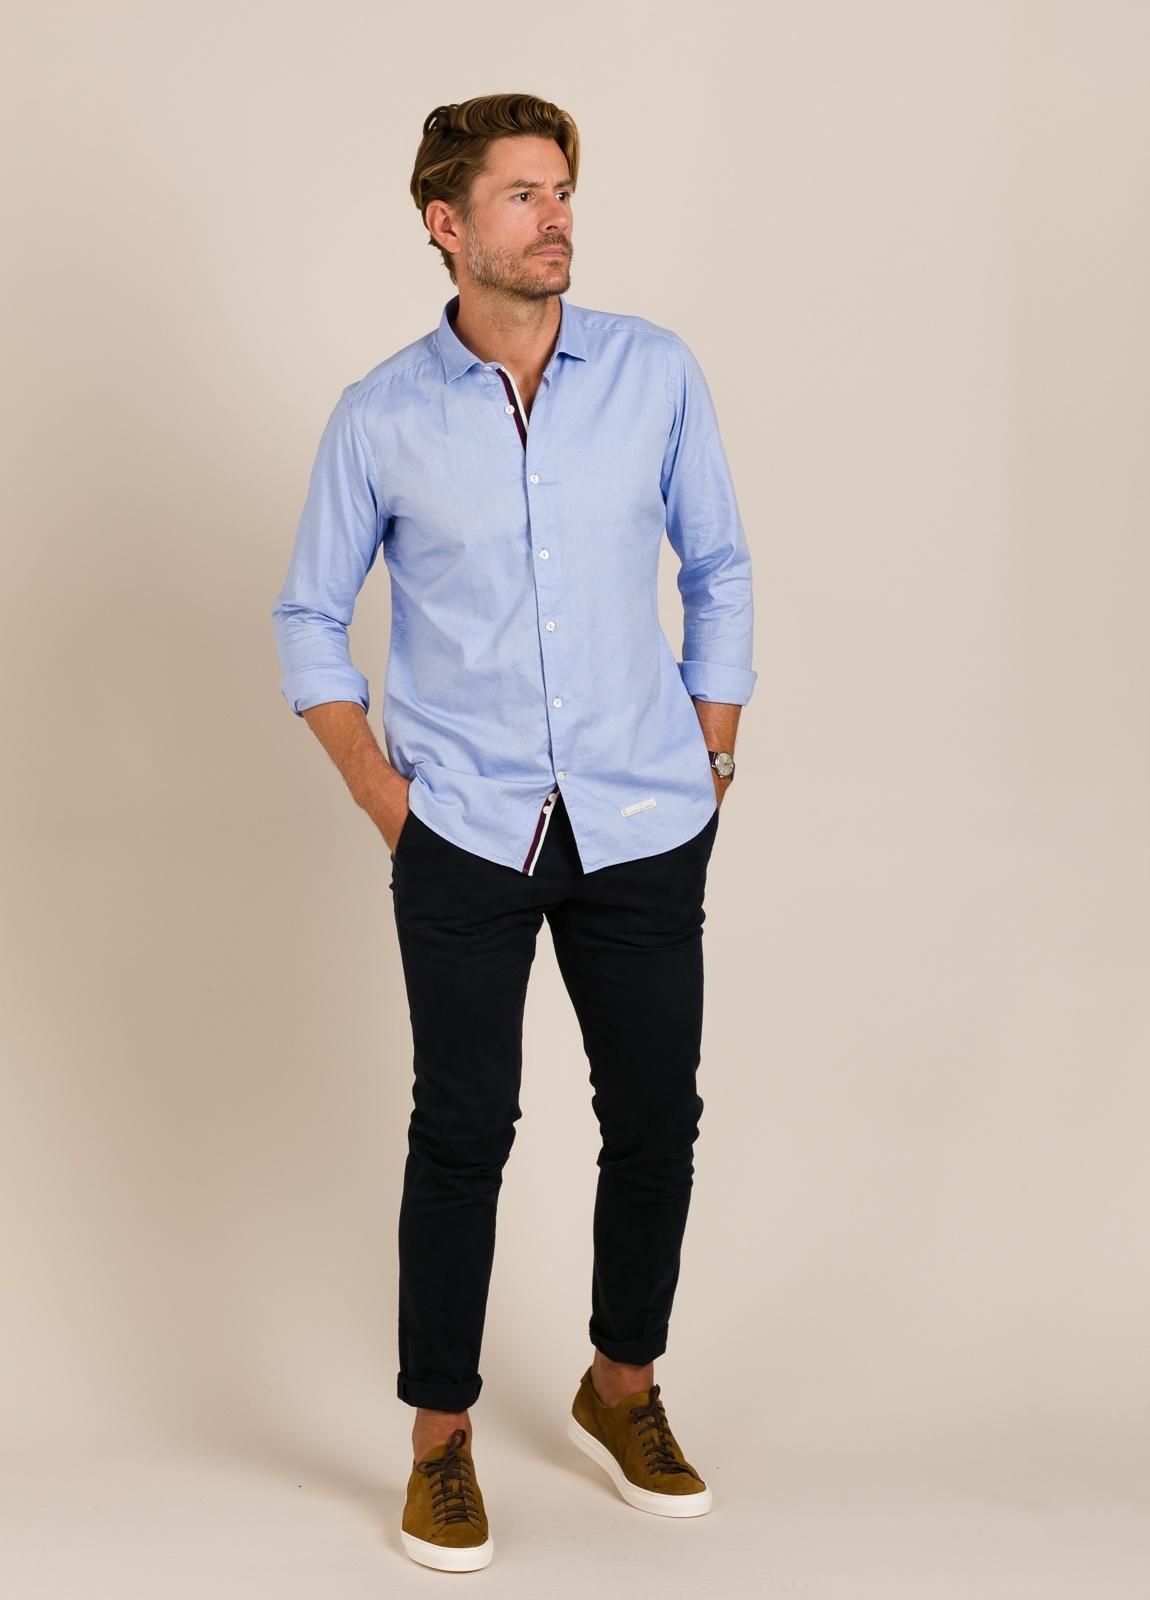 Camisa sport TINTORIA MATEI lisa azul - Ítem1